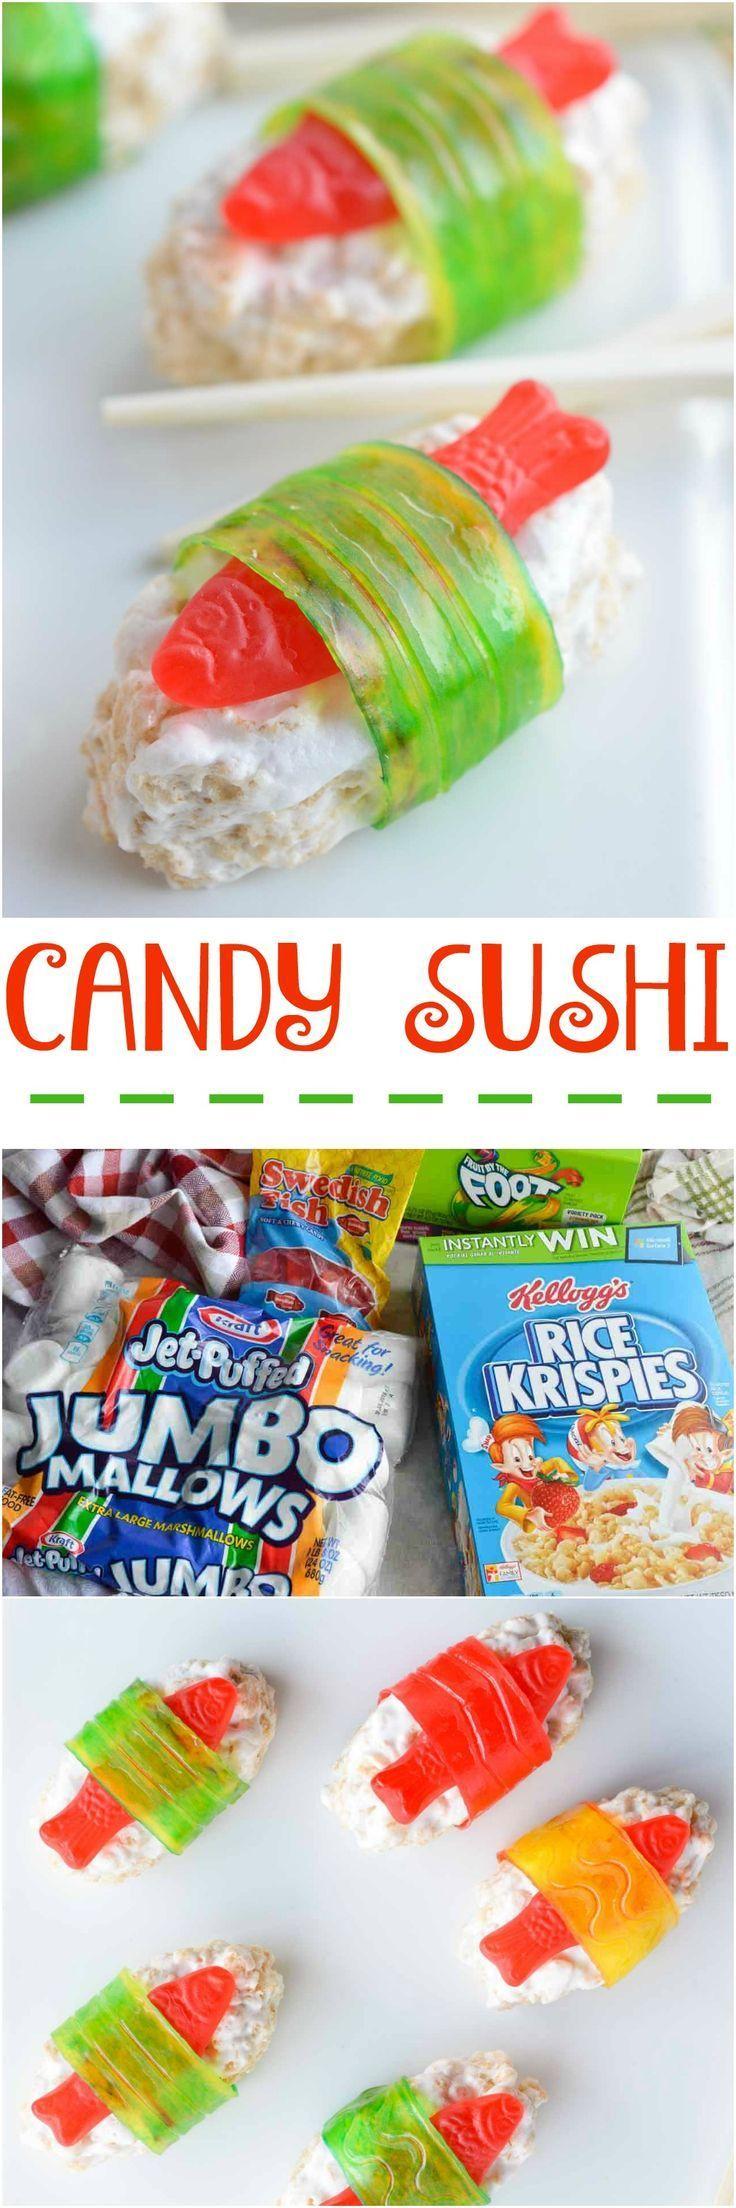 Die Kinder werden verrückt nach diesem Candy Sushi! Mit knusprigen Reisspezialitäten ... - #Candy #Die #diesem #Kinder #knusprigen #mit #nach #Reisspezialitäten #Sushi #verrückt #werden #dessertsushi Die Kinder werden verrückt nach diesem Candy Sushi! Mit knusprigen Reisspezialitäten ... - #Candy #Die #diesem #Kinder #knusprigen #mit #nach #Reisspezialitäten #Sushi #verrückt #werden #candysushi